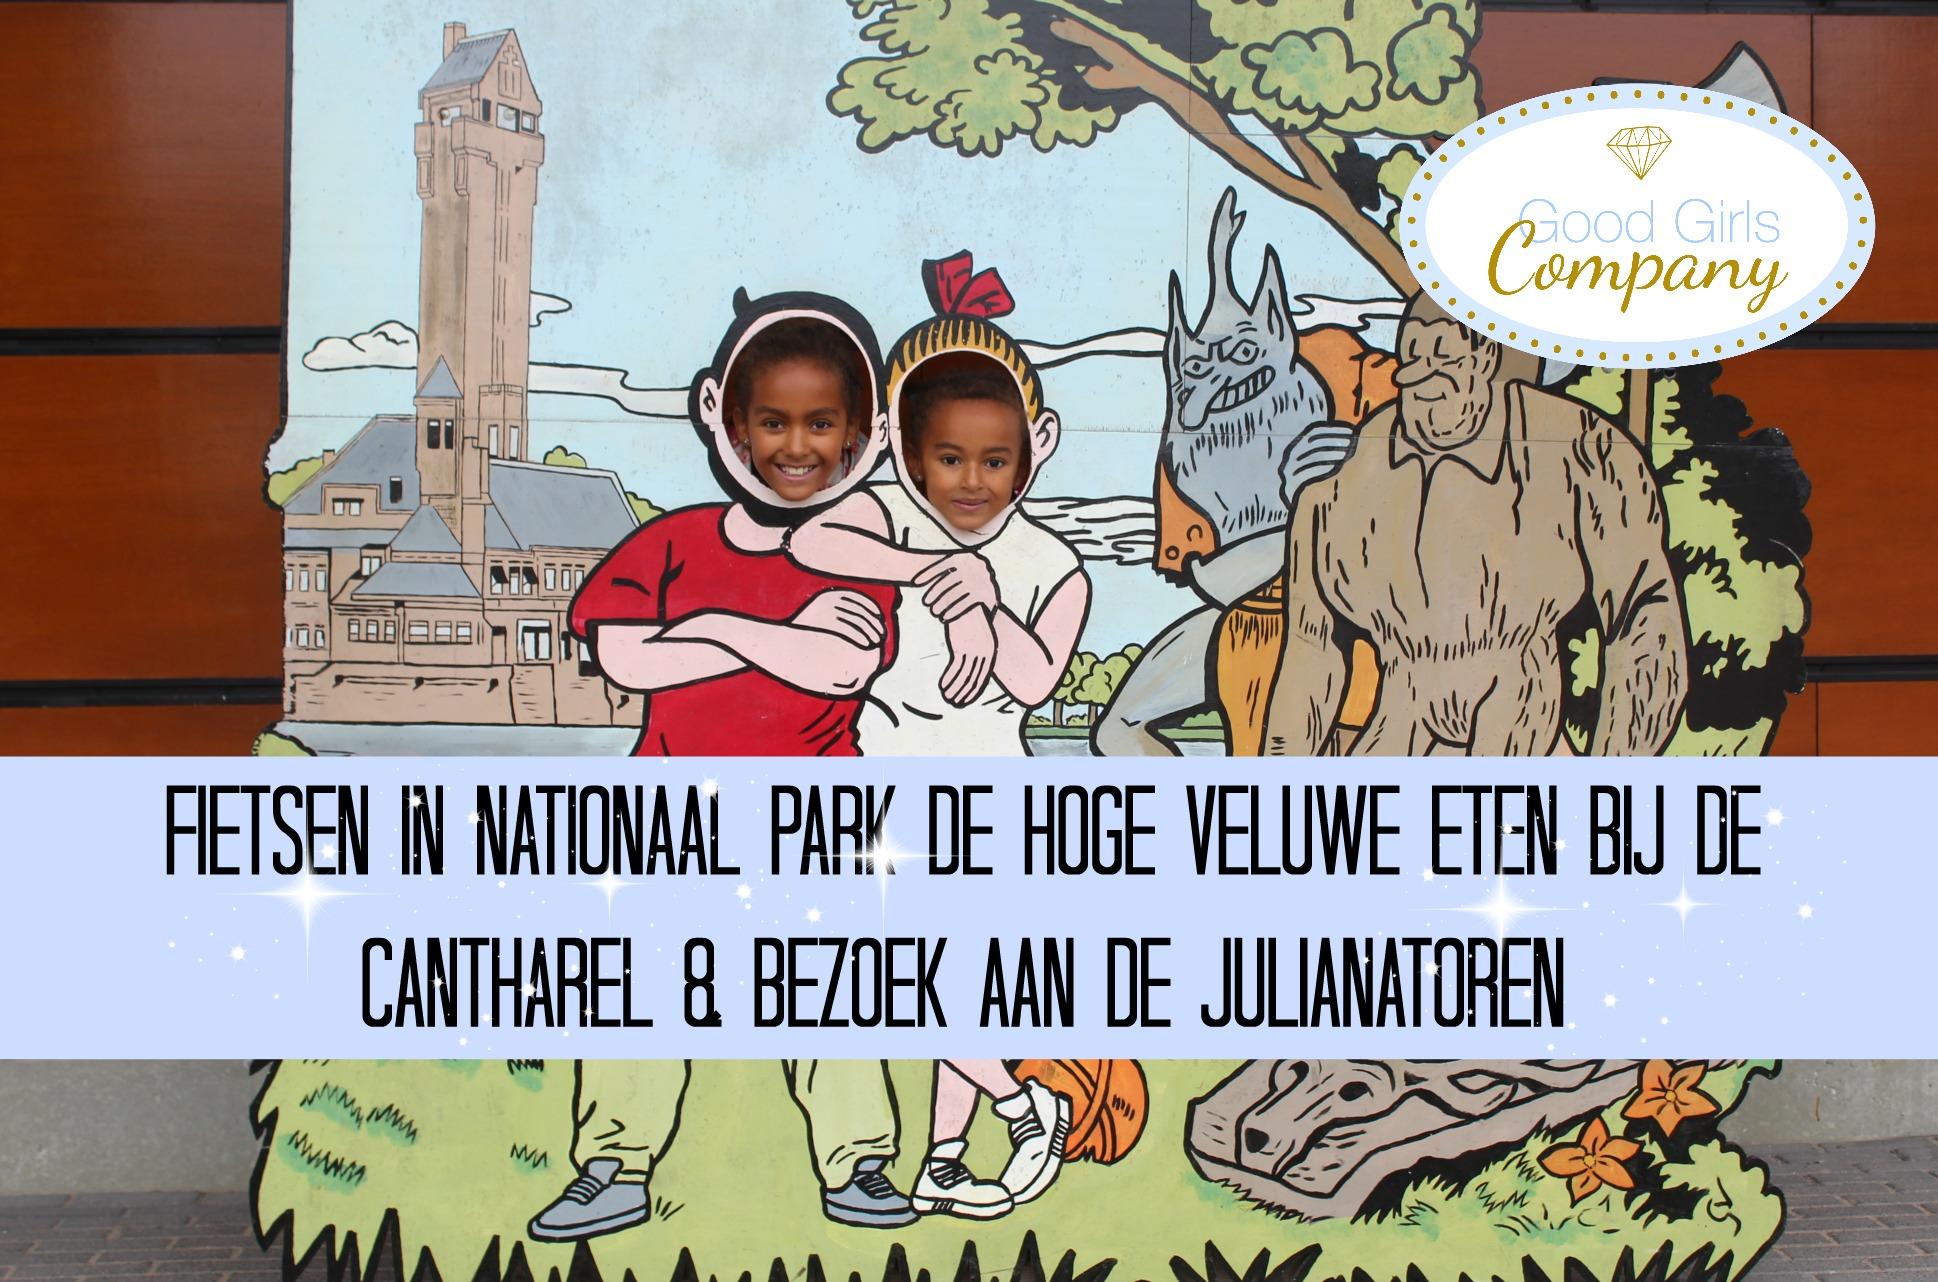 Uitstapjes-kinderen-fietsen-Nationaal-park-Hoge-Veluwe-GoodGirlsCompany